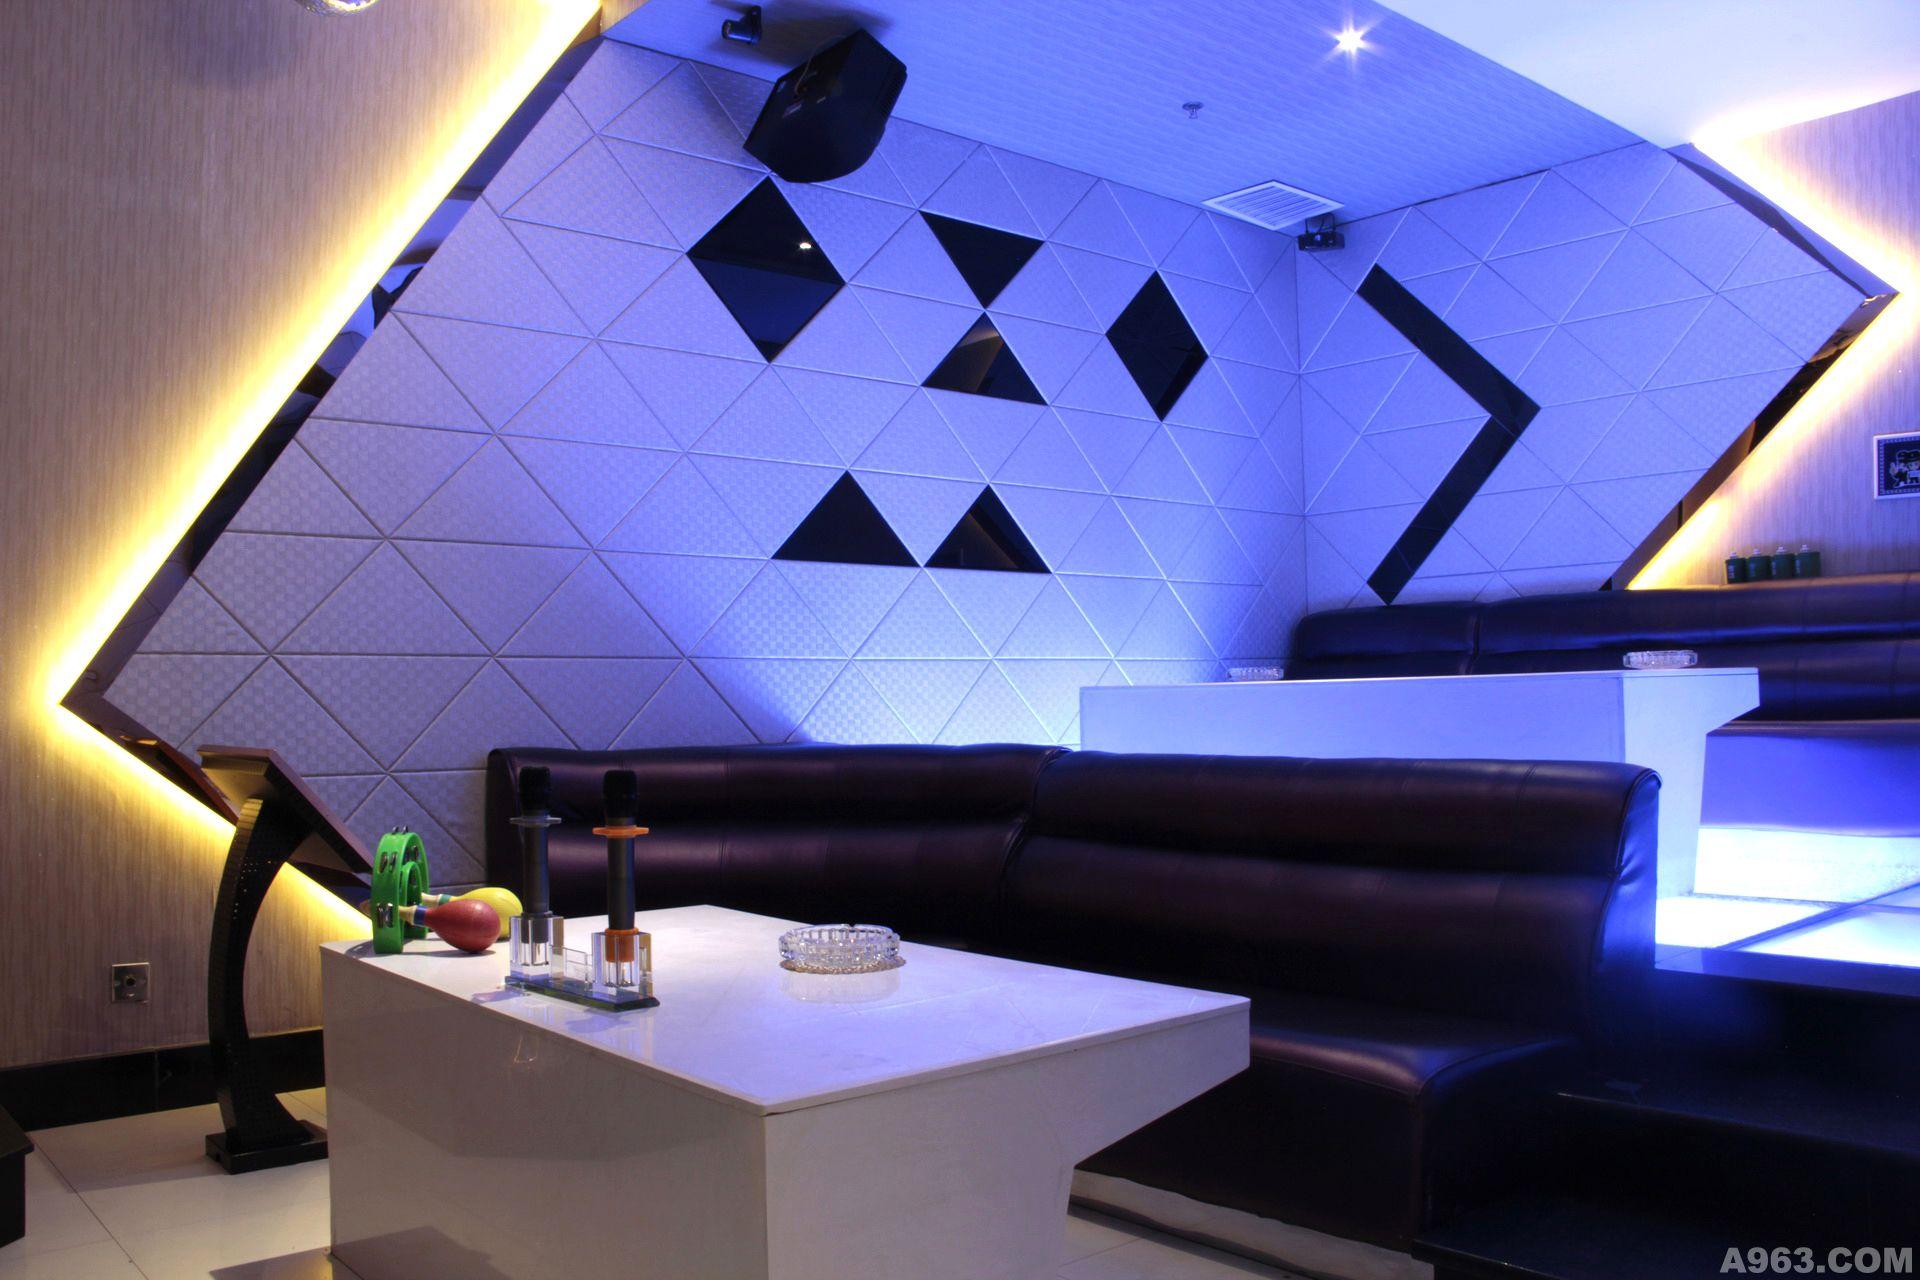 中华室内设计网 作品中心 公共空间 ktv设计 > 曹海龙作品  本项目